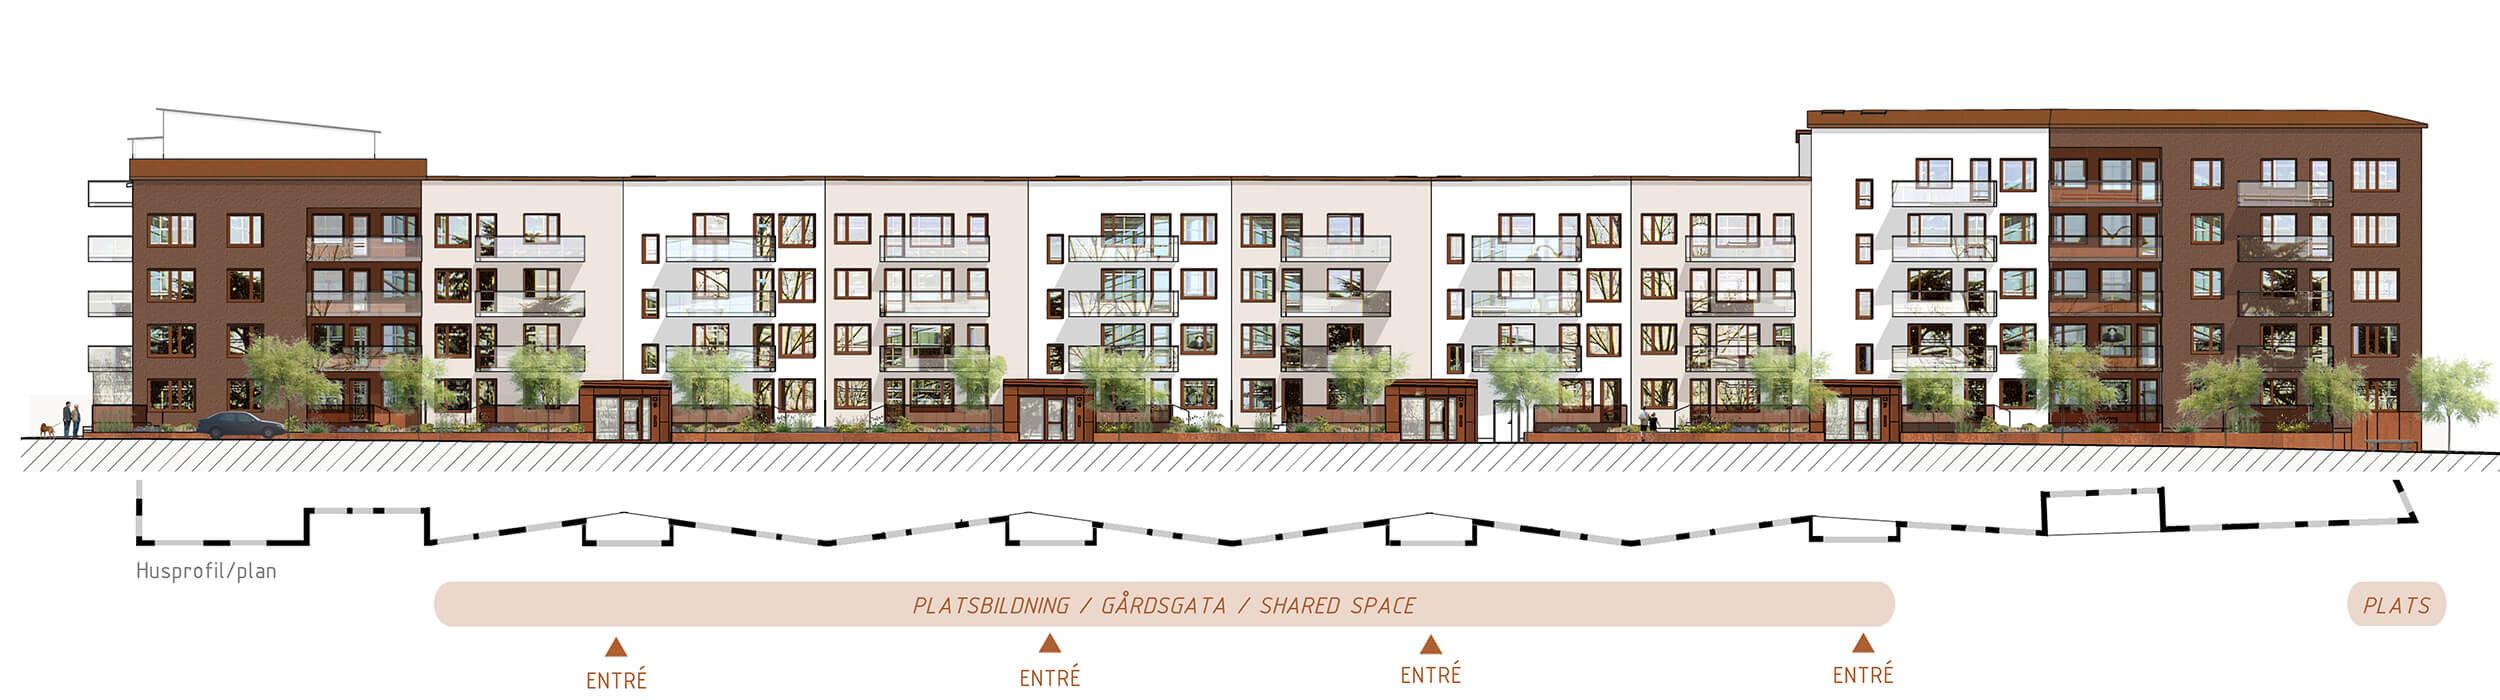 VECKAD FASAD.  Den sydvästra spetsen på kvarteret övergår i en veckad fasad, ett signum för kvarteret. Det upplevs av förbipasserande på cykel och tåg. I varje veck finns omsorgsfullt gestaltade entréer med planteringar och sittplatser i en skala som bidrar till grannskapskänslan.